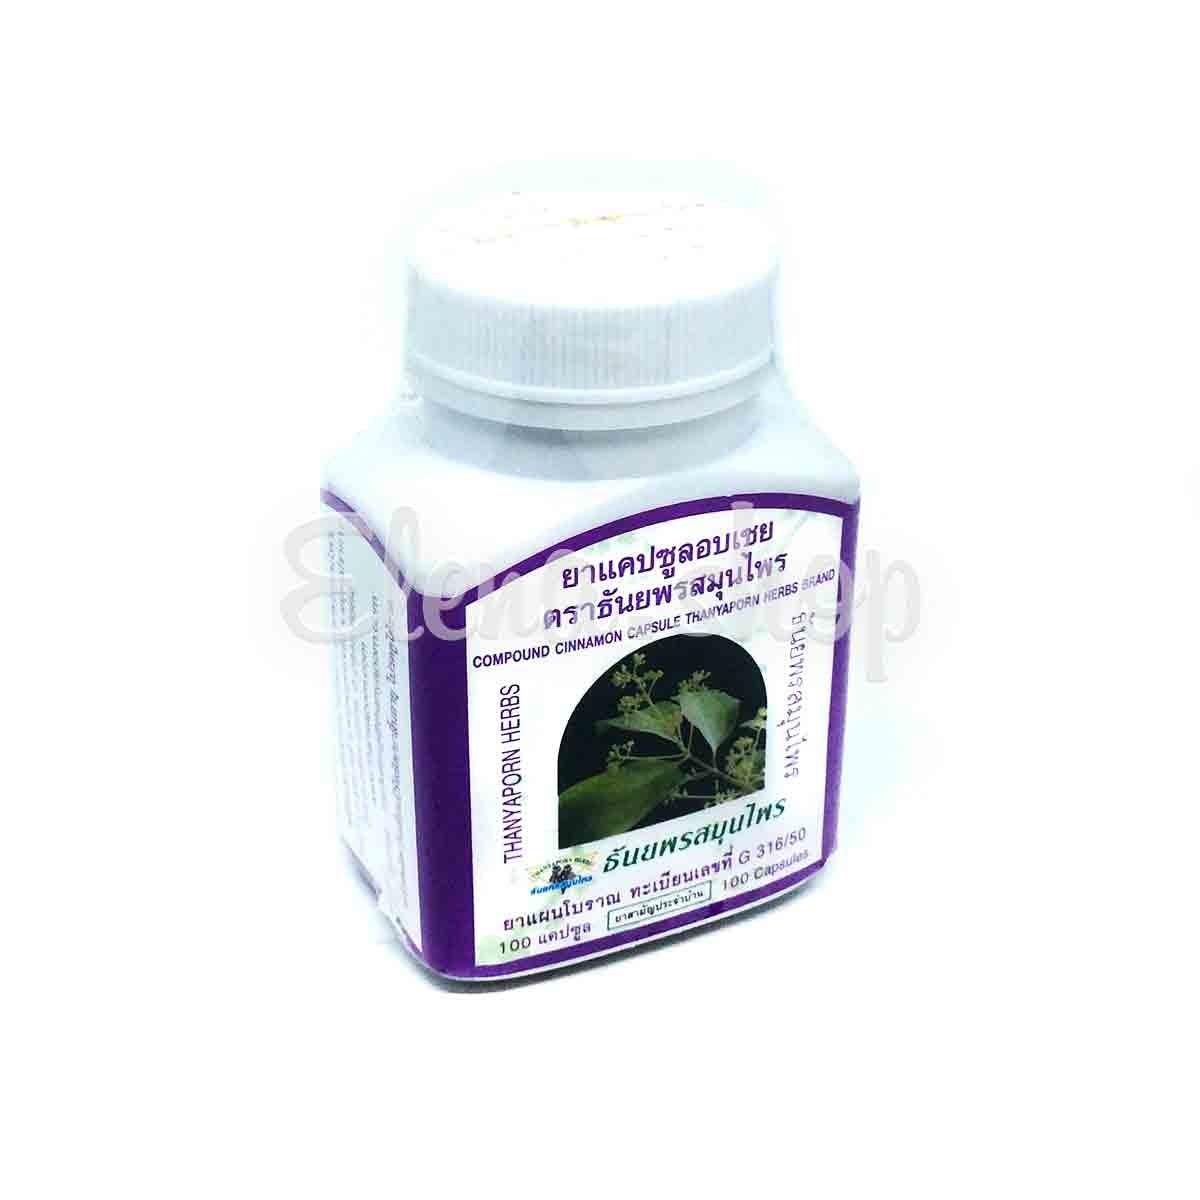 Капсулы из корицы (Cinnamon) для снижения уровня глюкозы в крови.